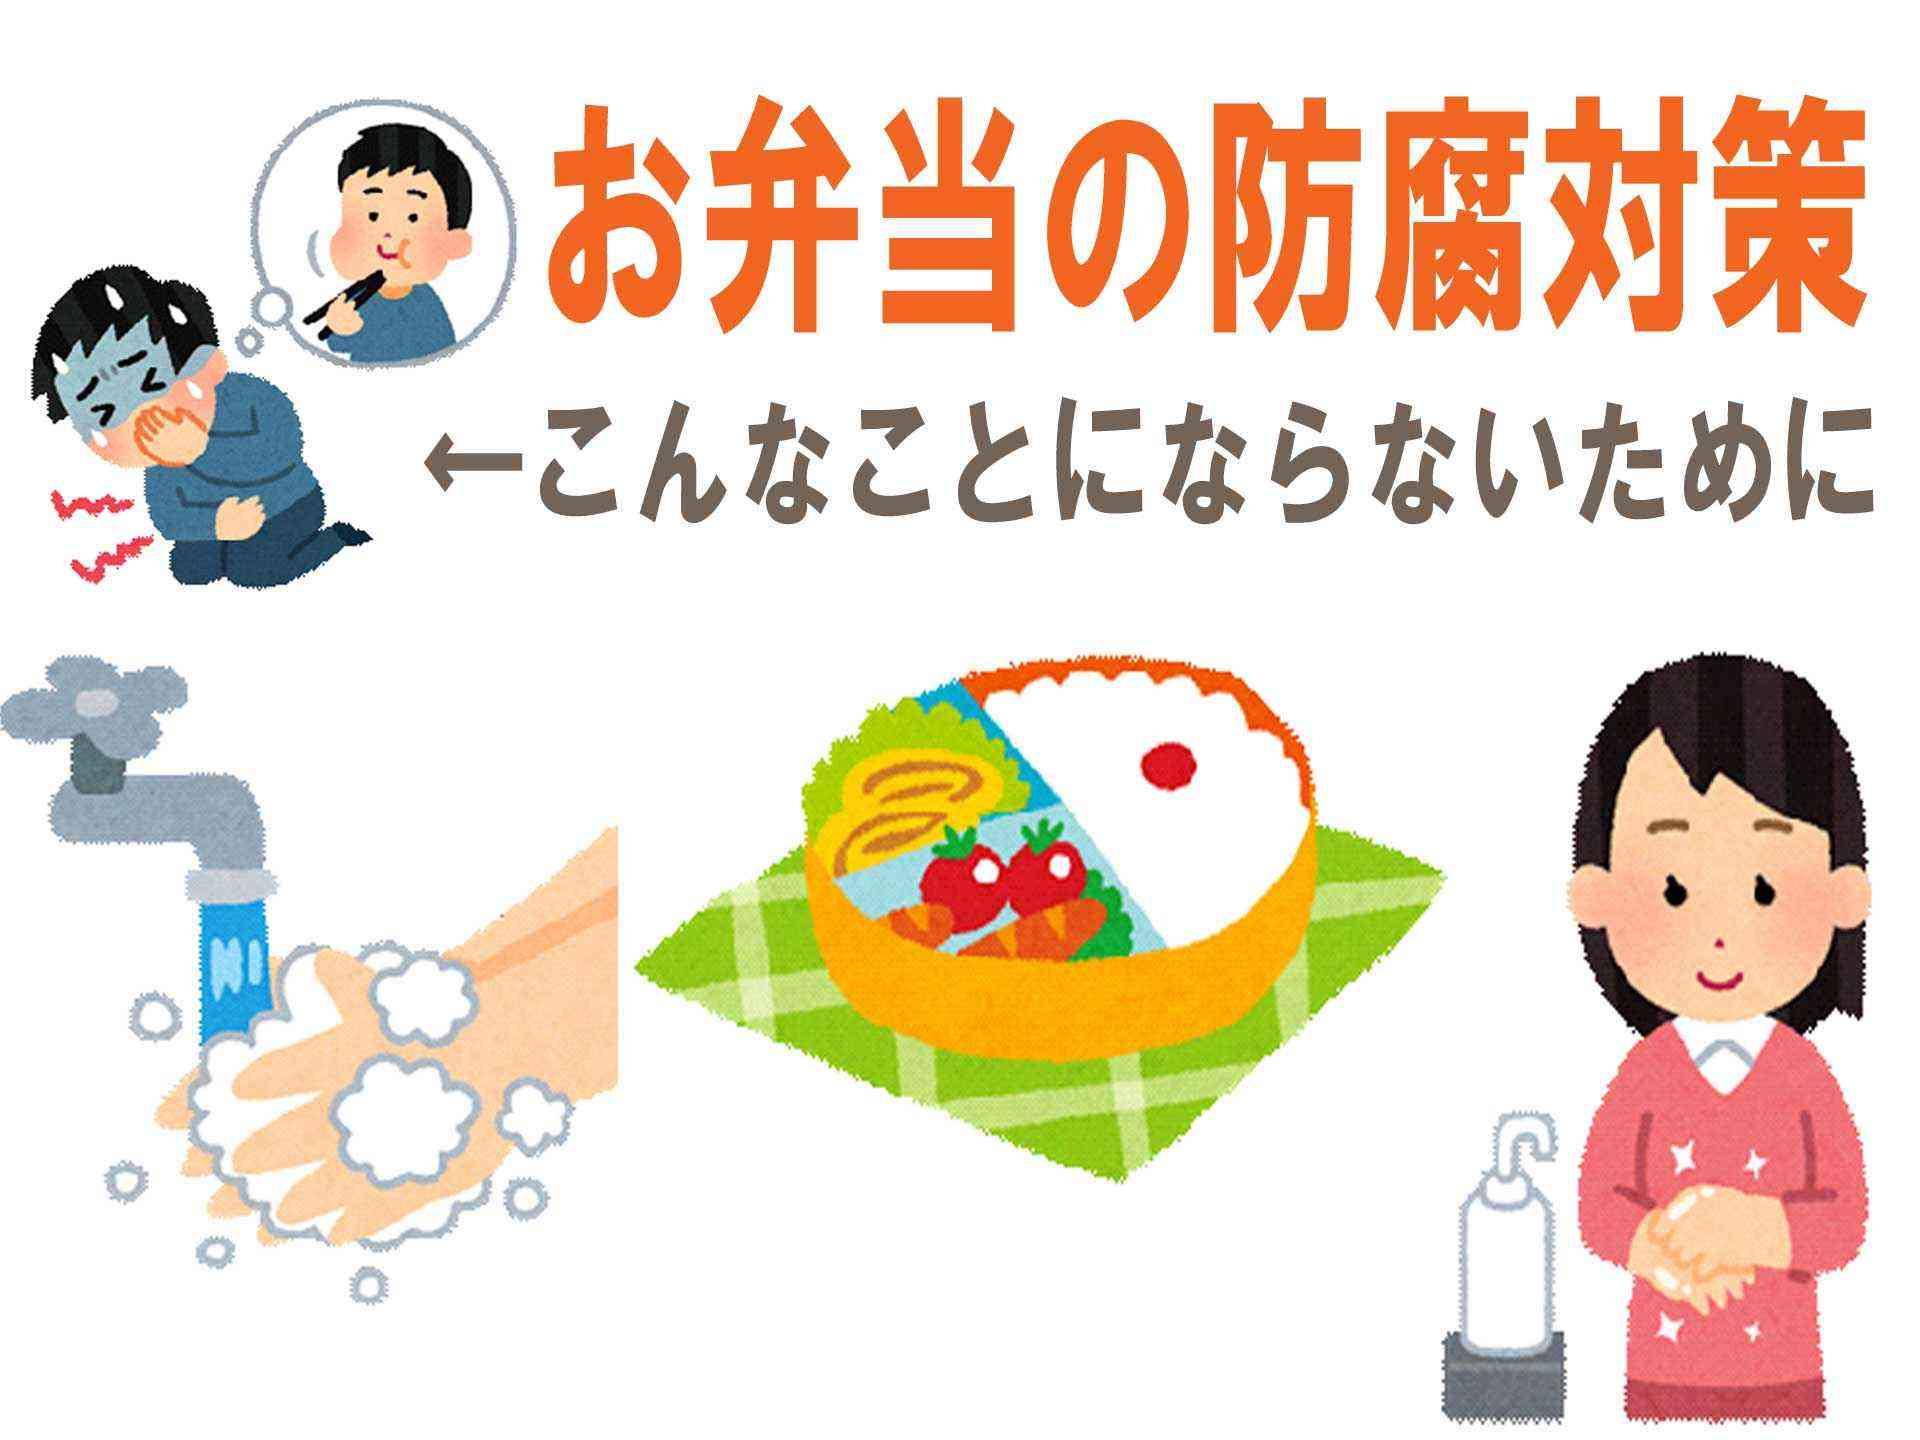 暑くなる前から腐敗対策!お弁当作りの注意点 - 知ると得する栄養雑学・豆知識:アスレシピ